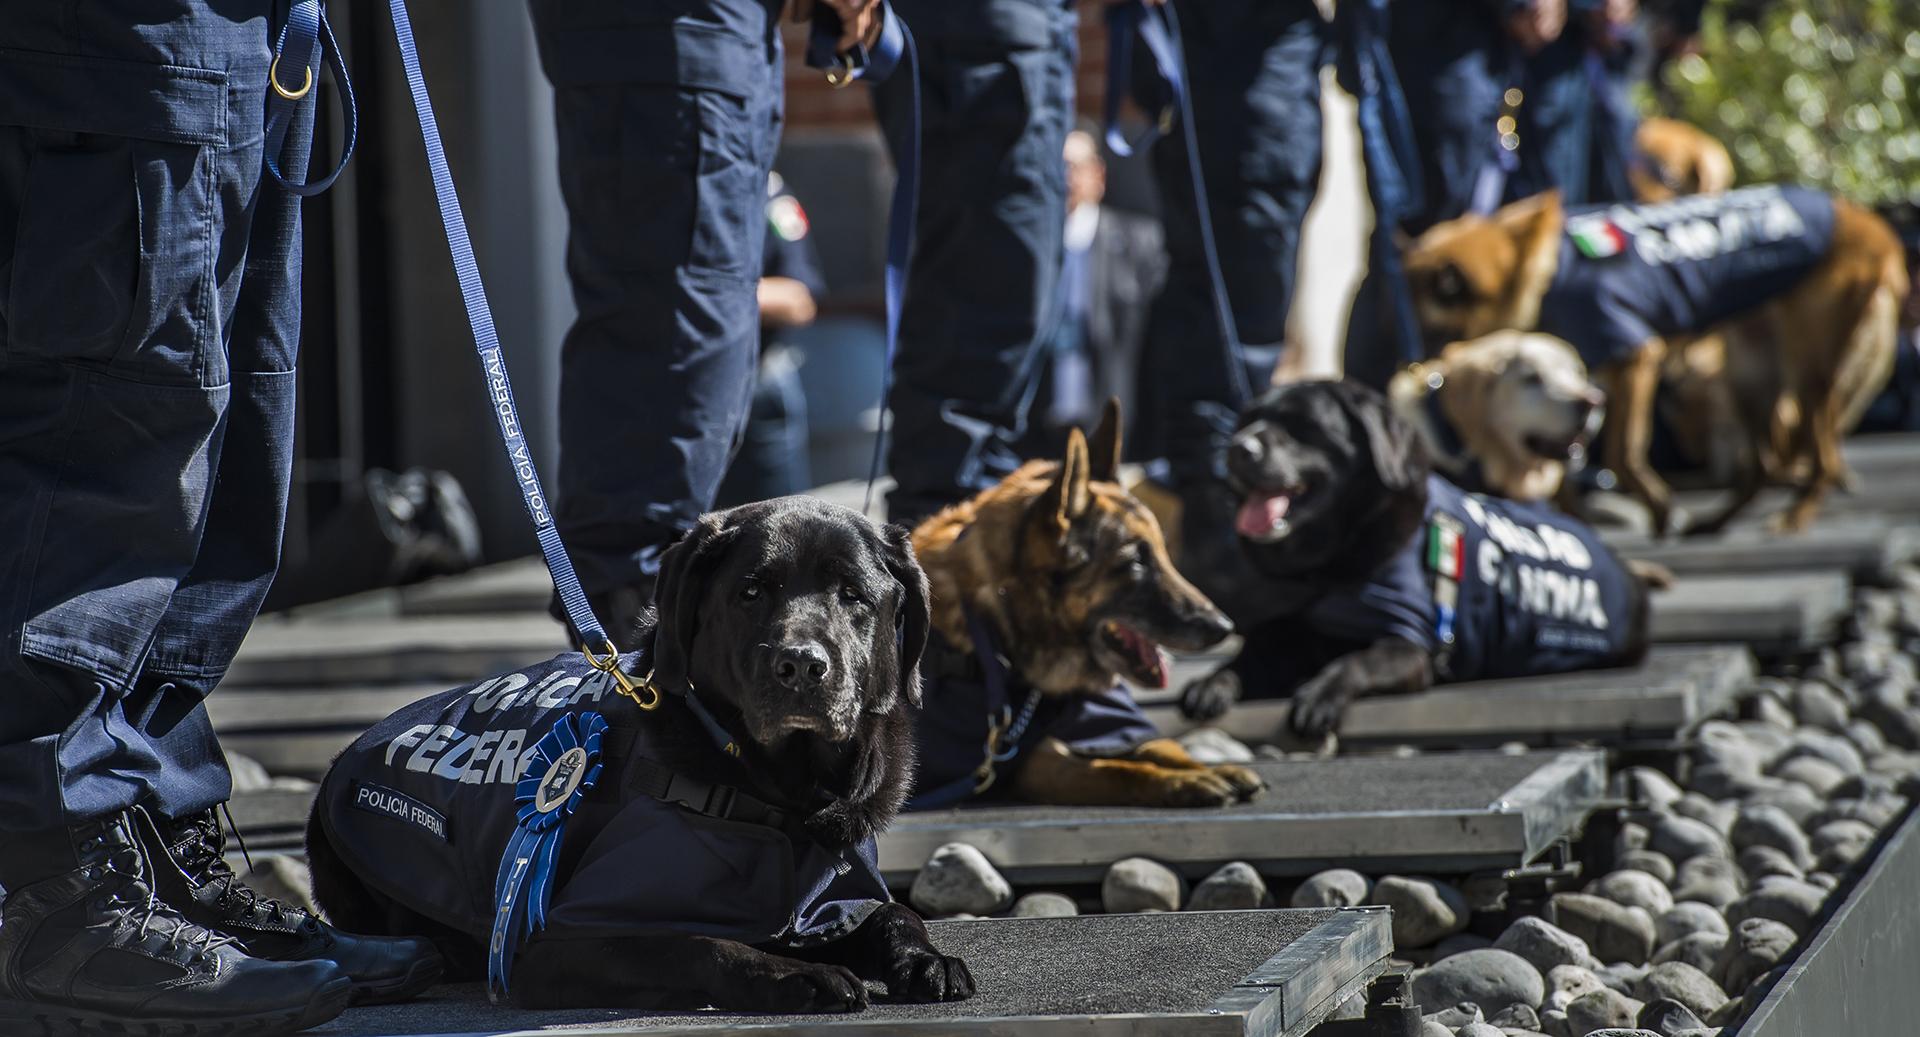 Tito y otros cinco perros policiales se encuentran a los pies de sus entrenadores, oficiales de la policía mexicana, durante una ceremonia del 7 de diciembre de 2016 en la Ciudad de México, donde nueve perros de policía fueron retirados después de ocho años de servicio